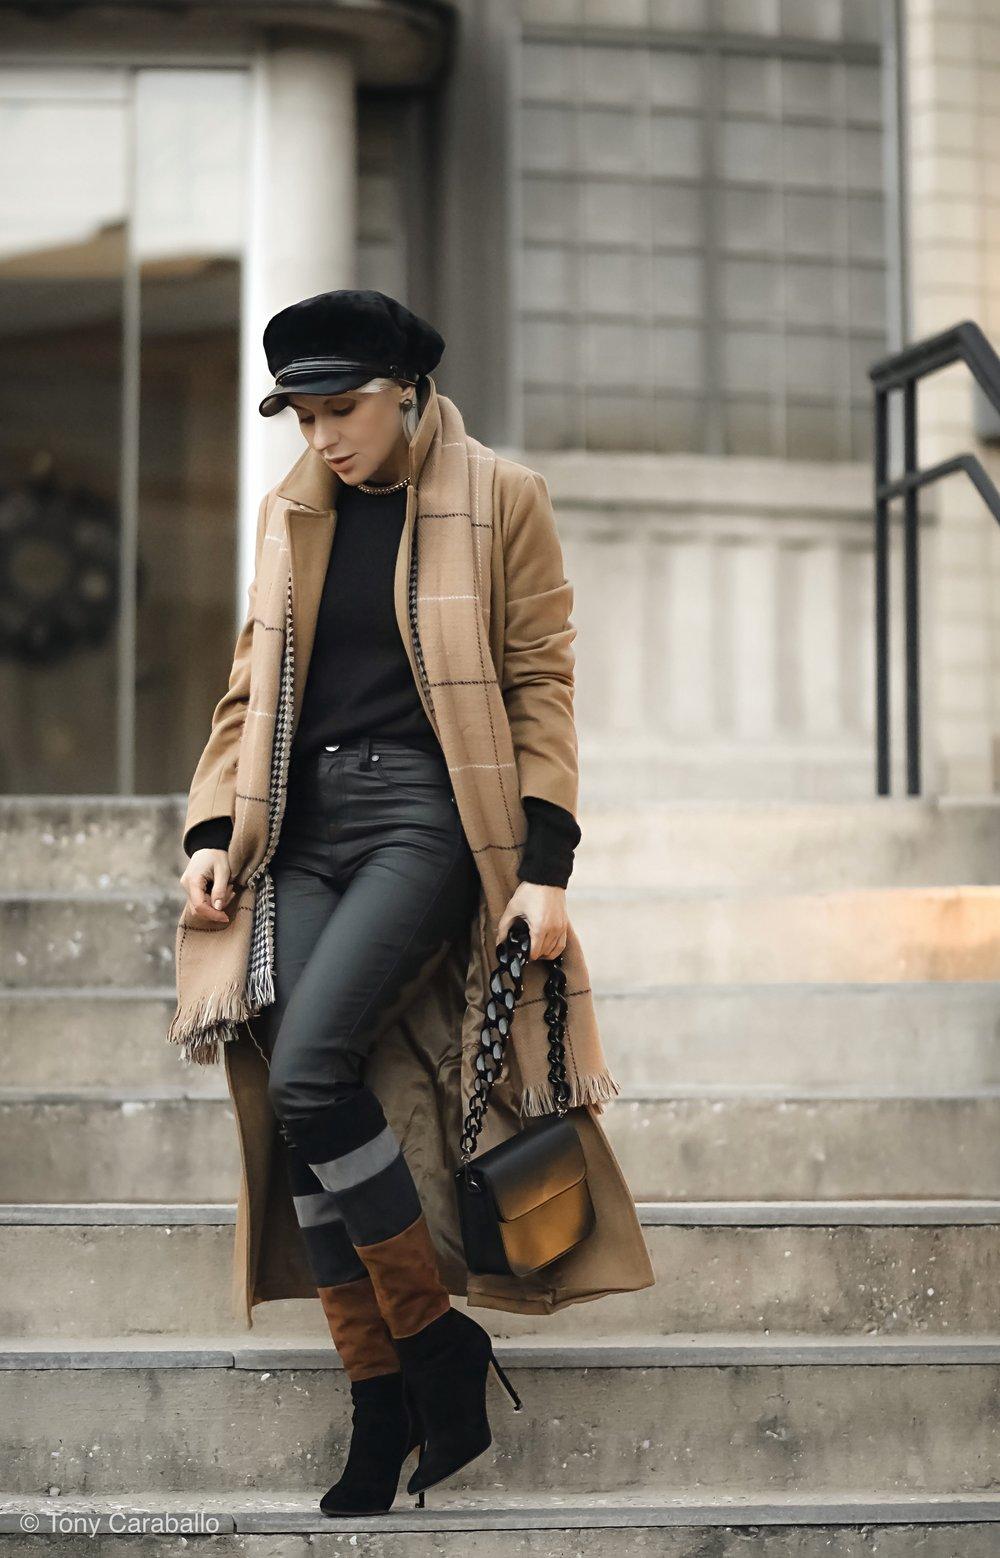 Isabel Alexander Chriselle Lim Nordstrom Coat coated jeans